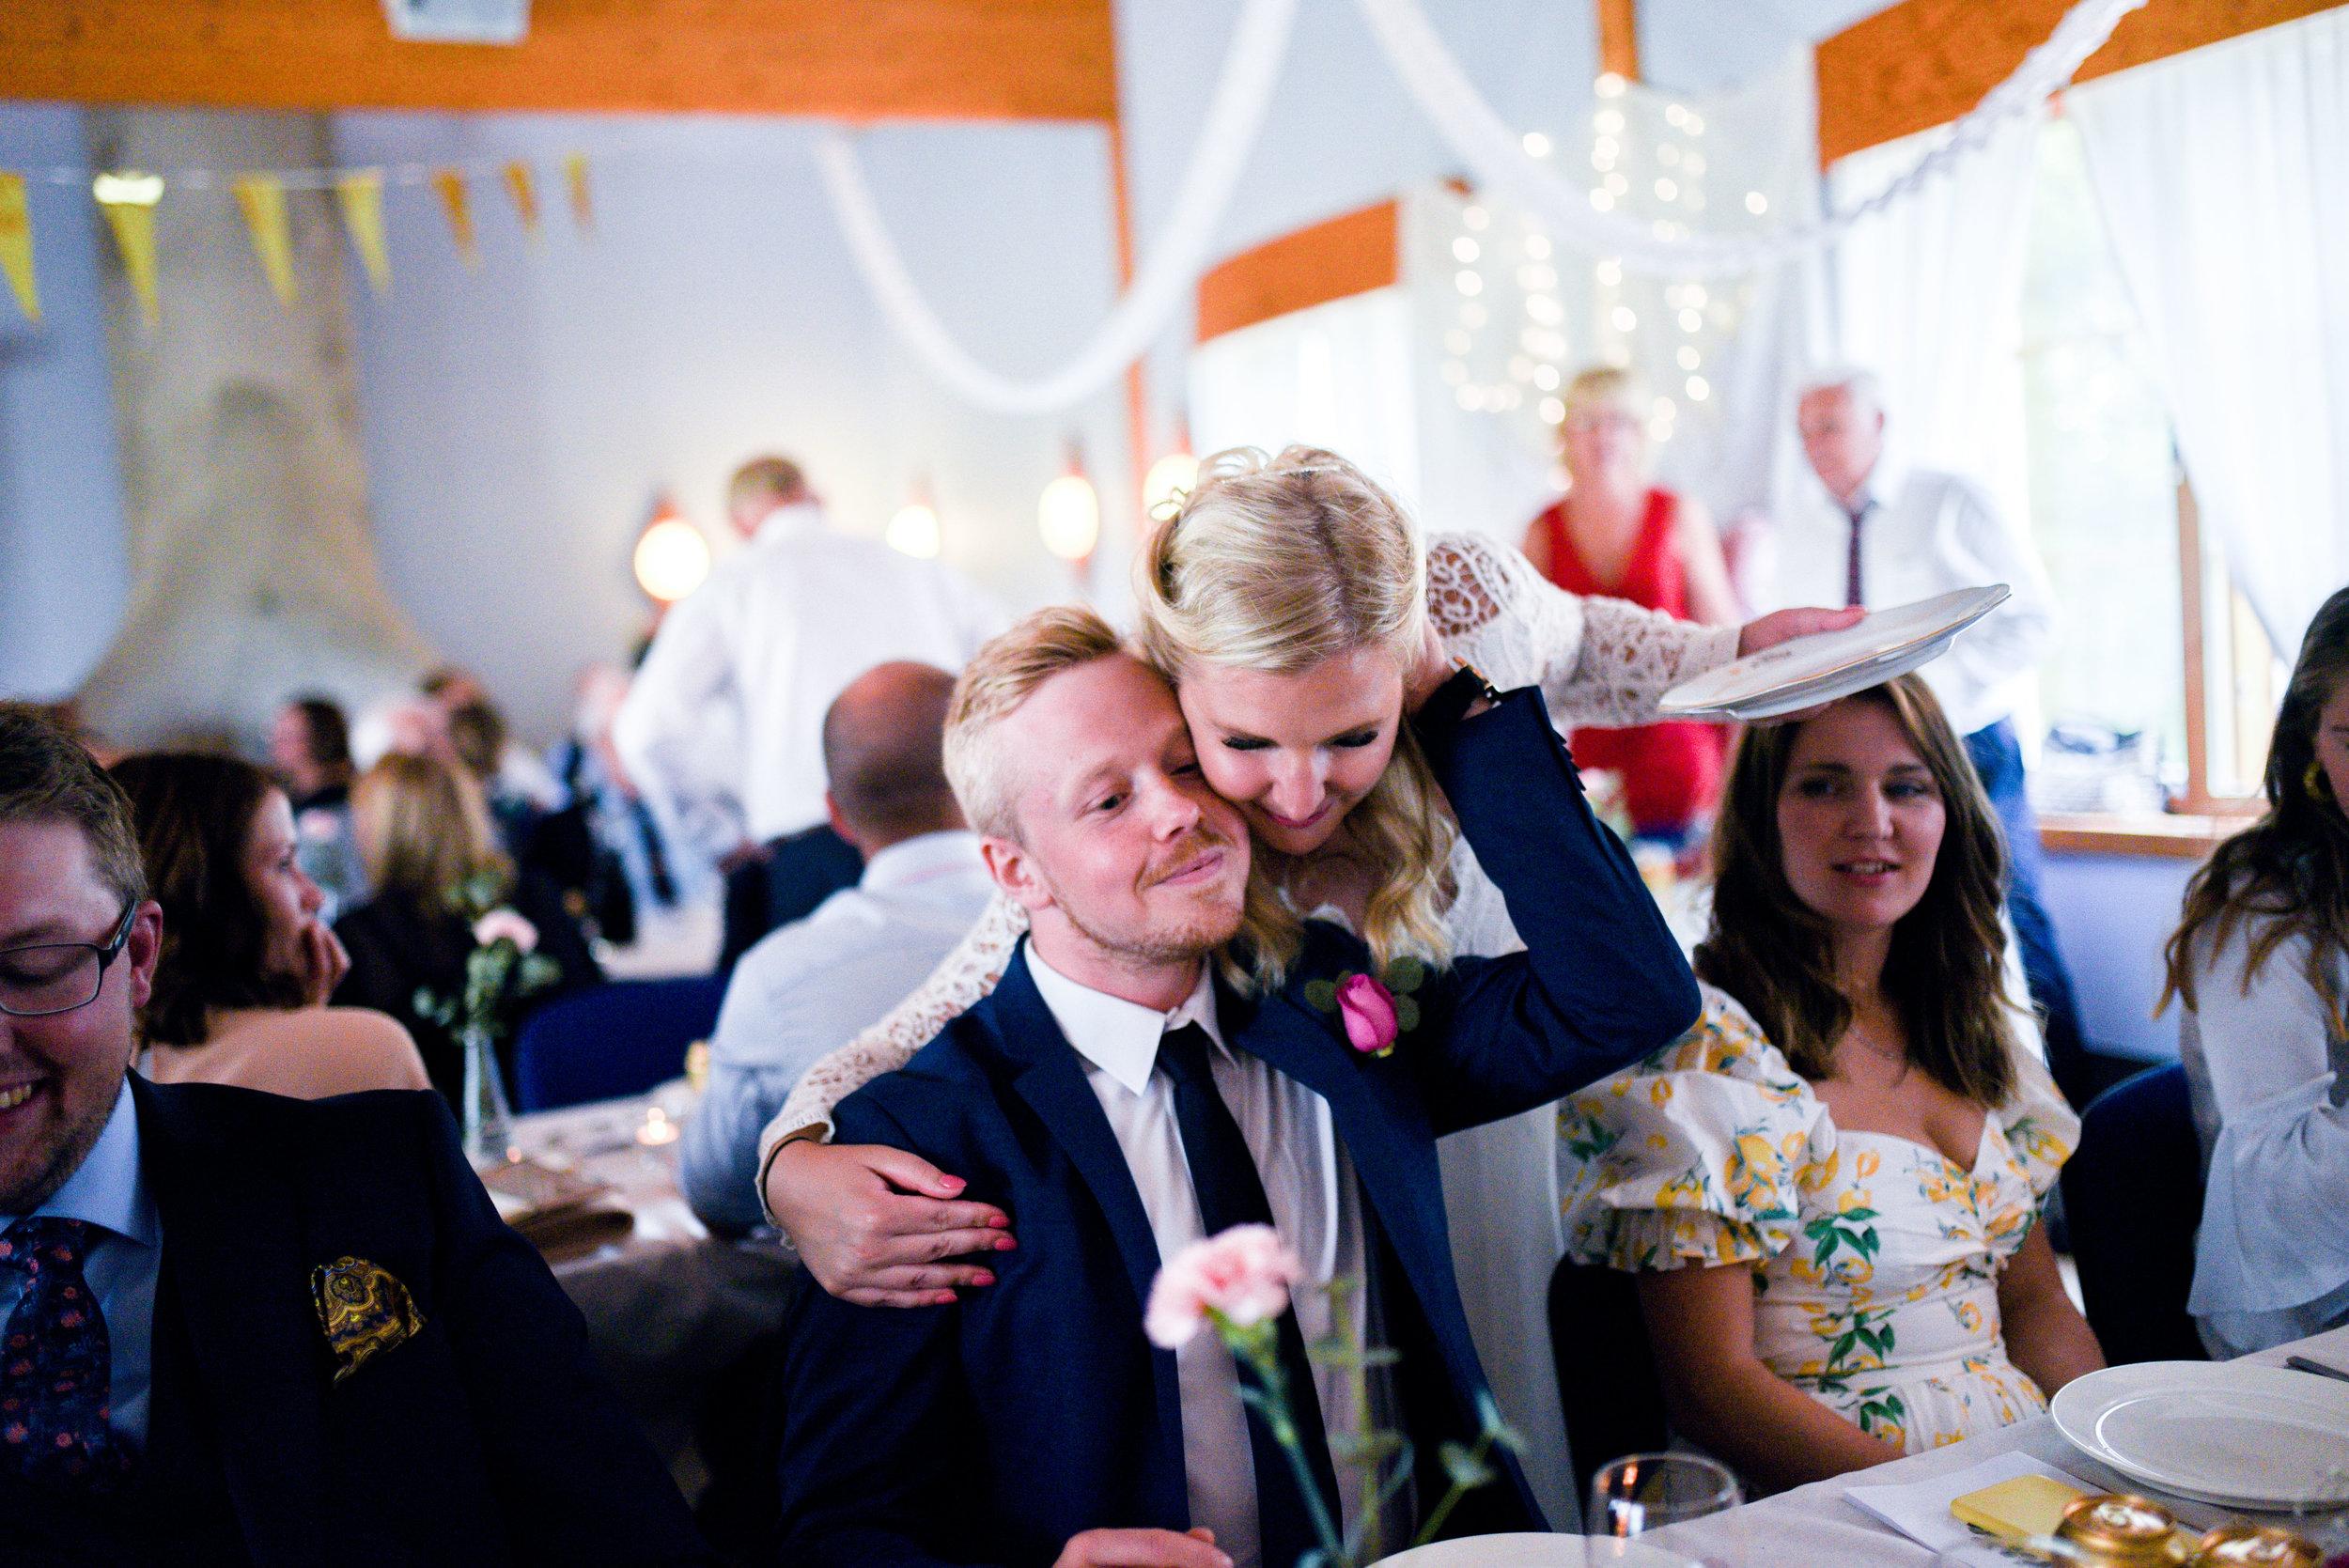 Bröllop2019lågkvall2-6123.jpg